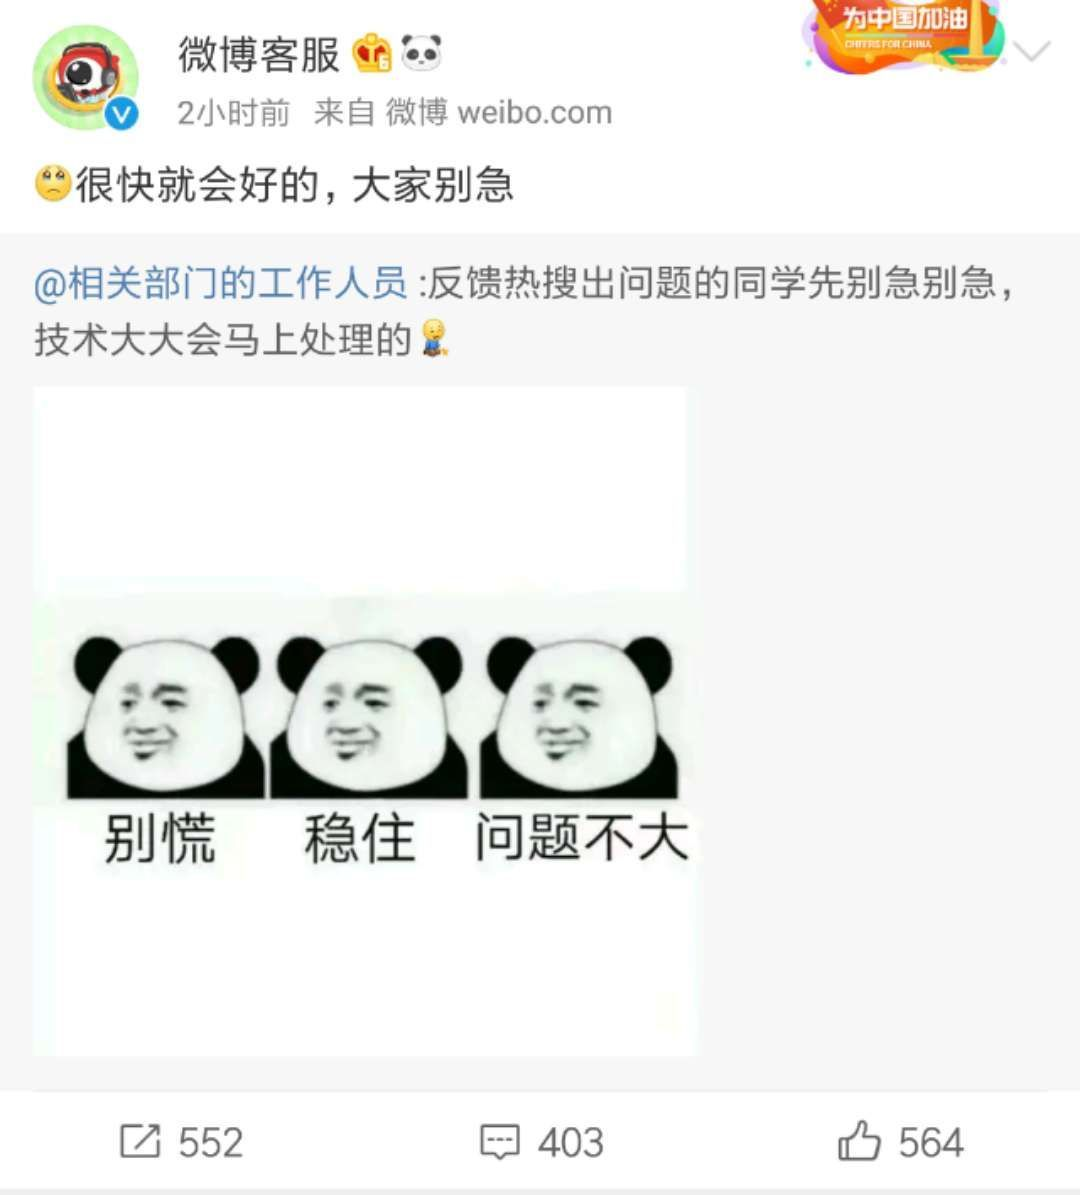 赵丽颖和冯绍峰结婚了新浪微博的这一次服务器崩溃怎么说?_腾讯